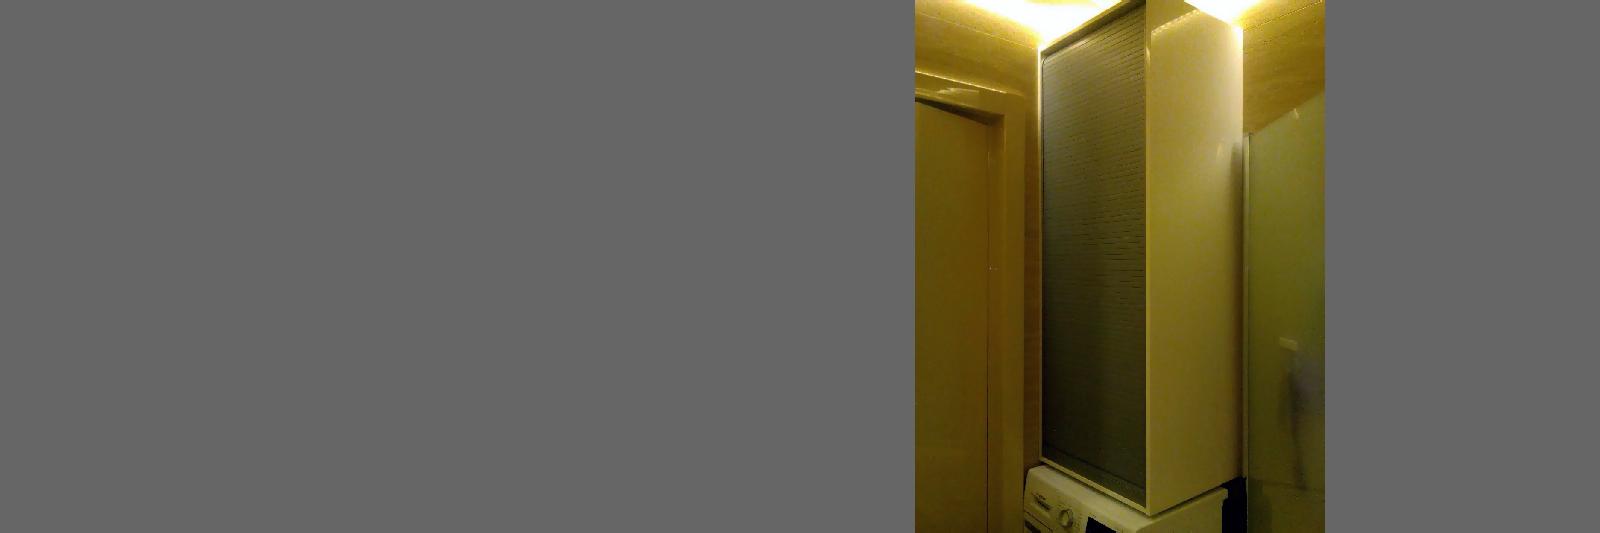 Подвесной шкаф с жалюзи на заказ для ванной комнаты